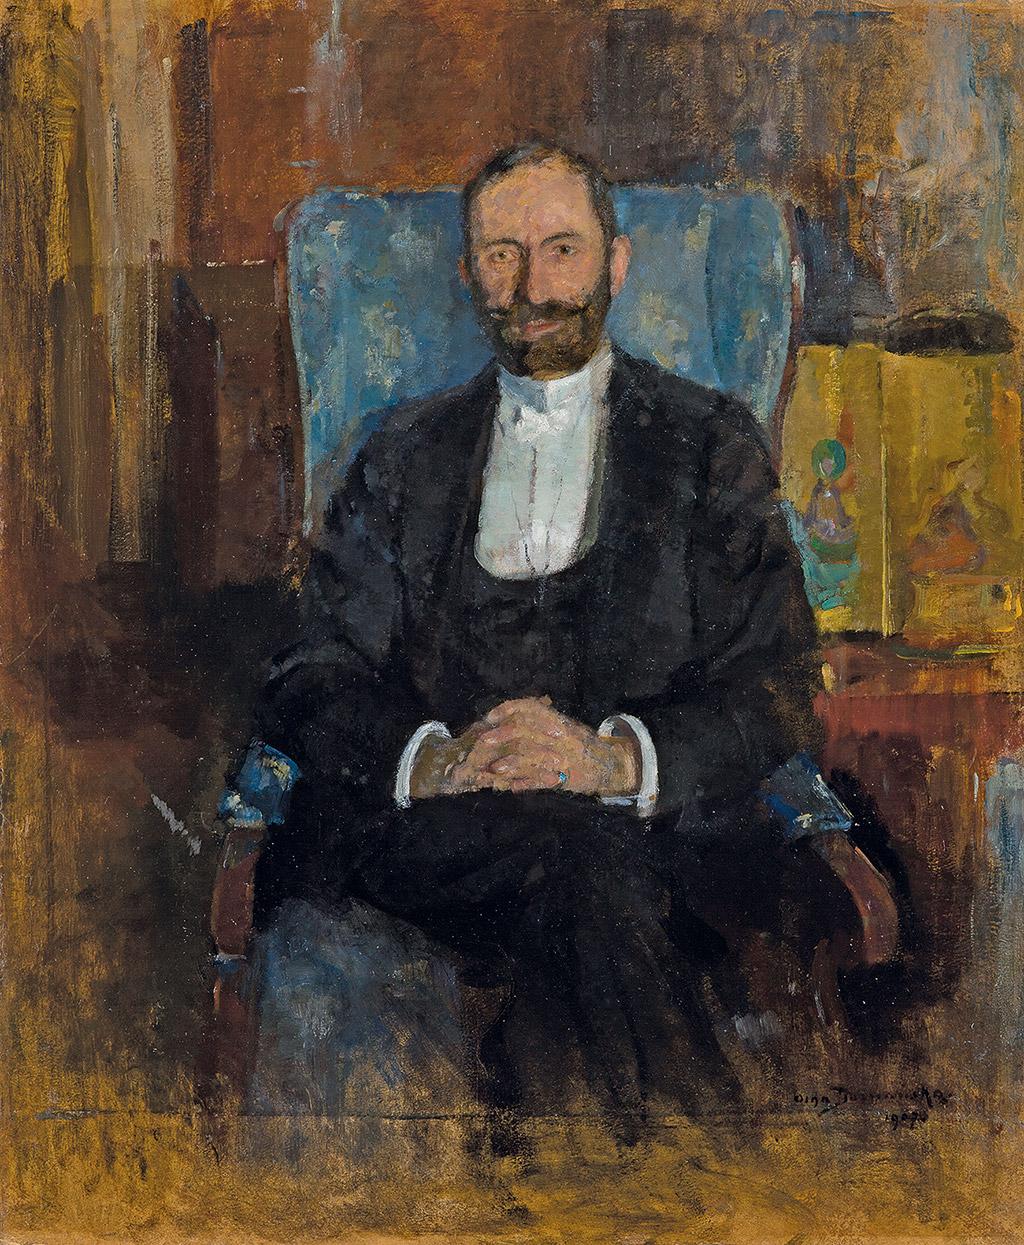 """Olga Boznańska """"Feliksa Jasieńskiego 'Mangghi'"""", 1907 rok, źródło: Muzeum Narodowe w Krakowie"""